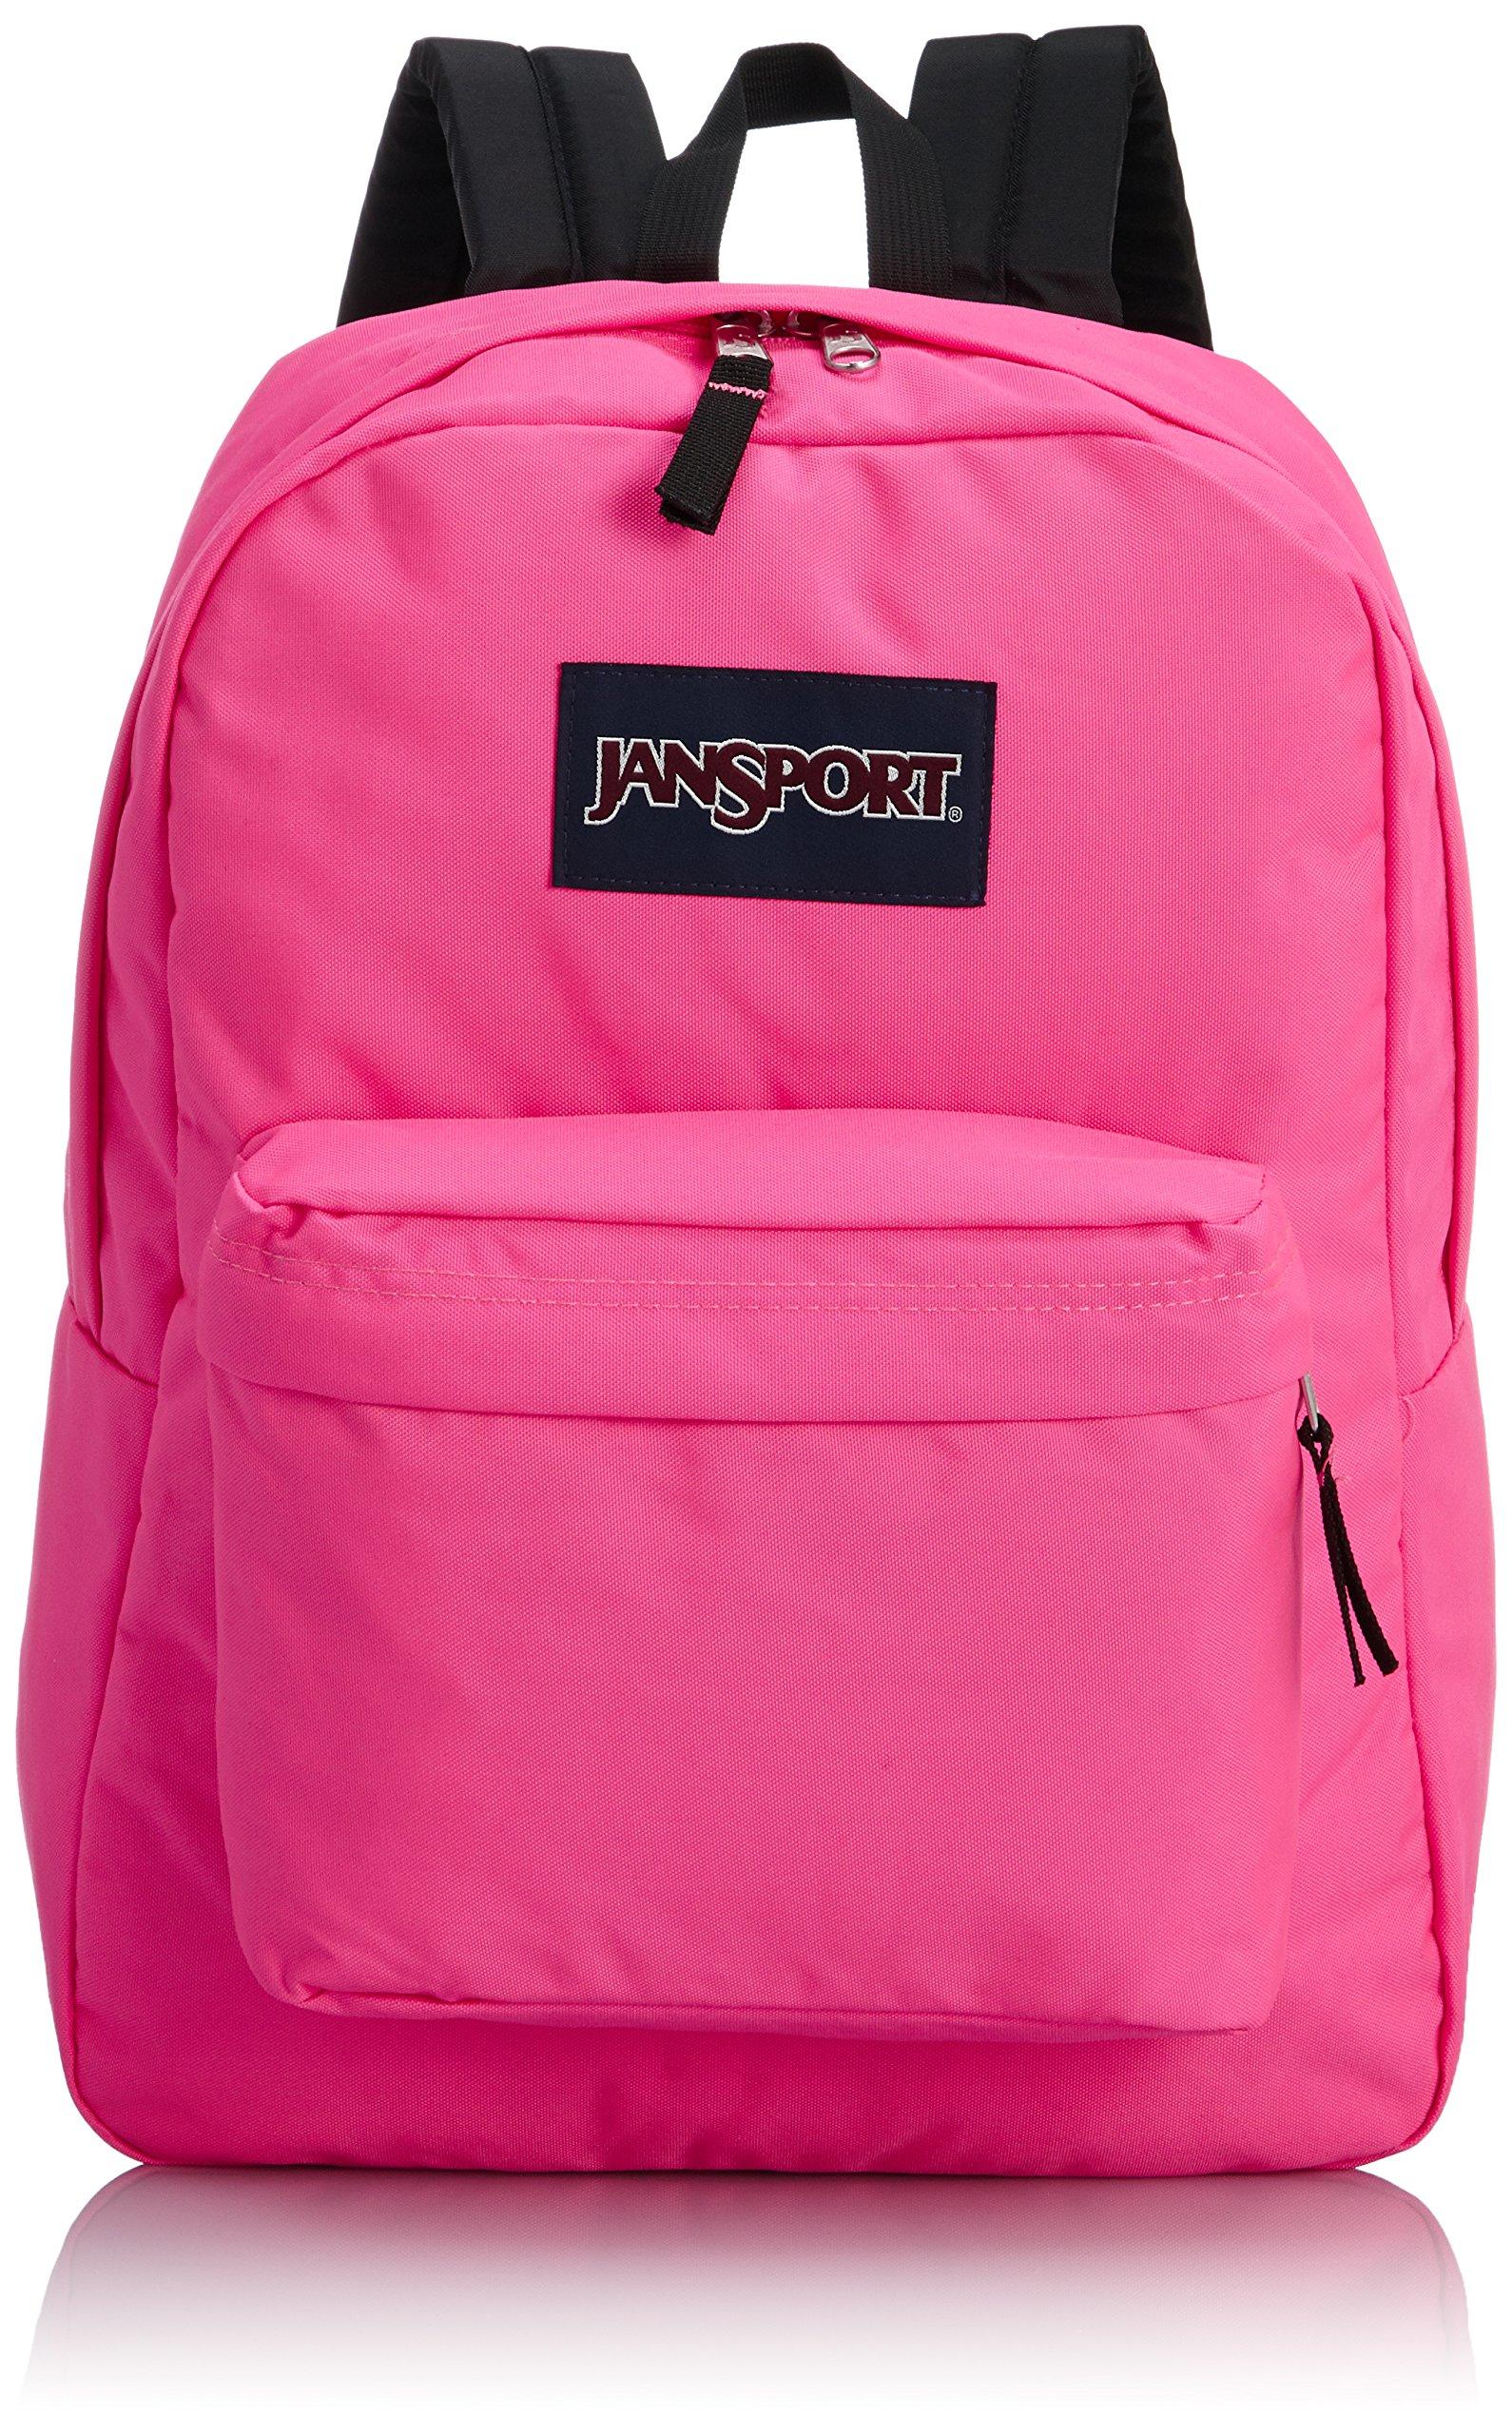 JanSport T501 Superbreak Backpack - Fluorescent Pink